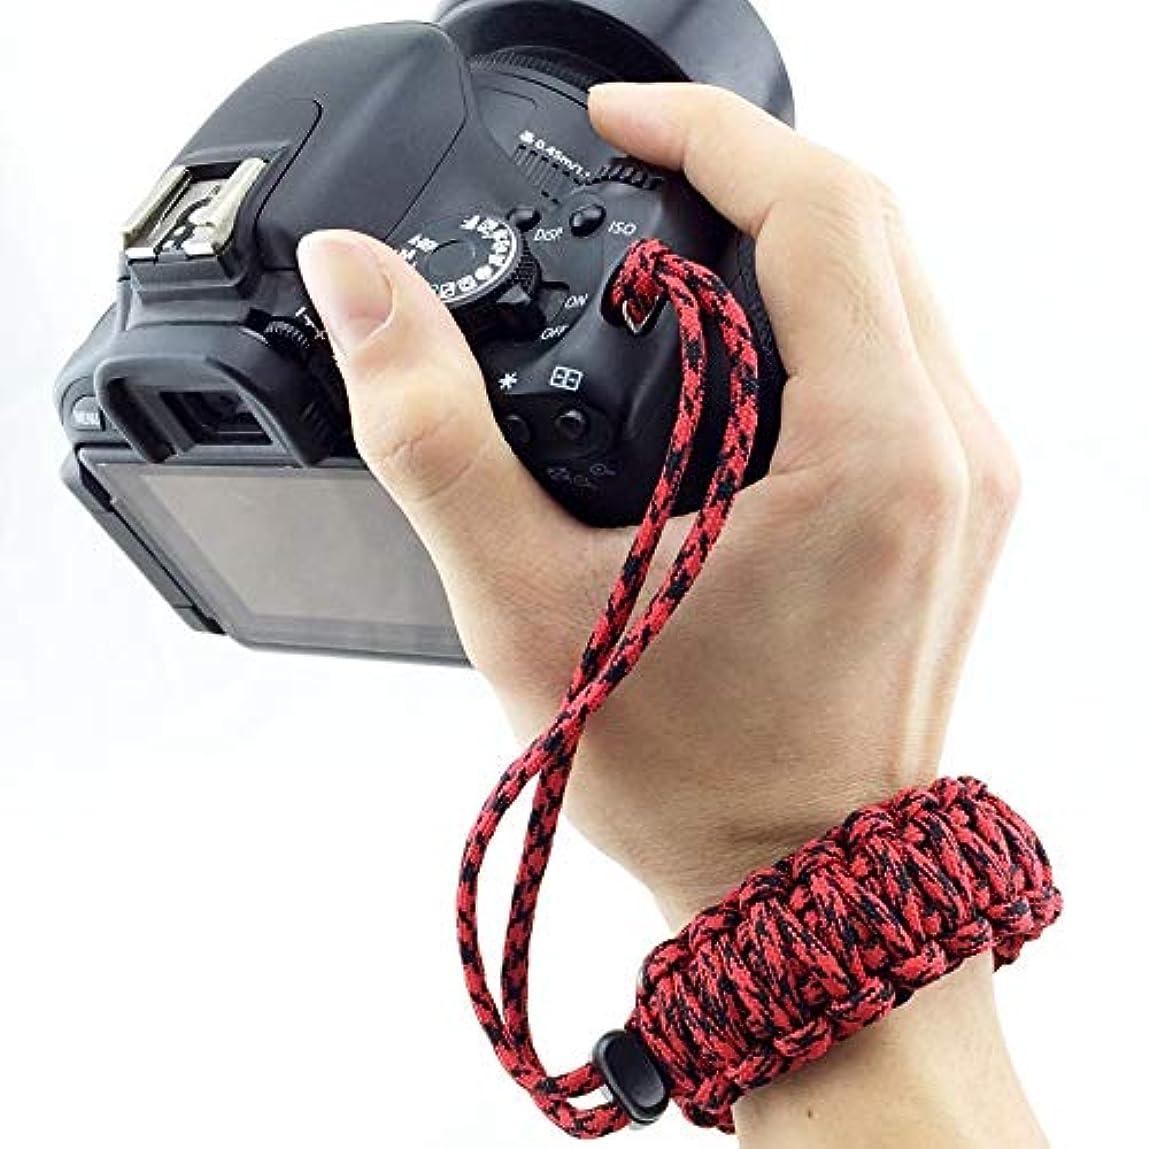 容器微妙それからHJJUANJP カメラアクセサリー 保護 DSLR/SLRカメラ、ランダムカラーデリバリーのためのDIY織りスタイルアンチロストカラフルなリストストラップグリップ緊急サバイバルブレスレット